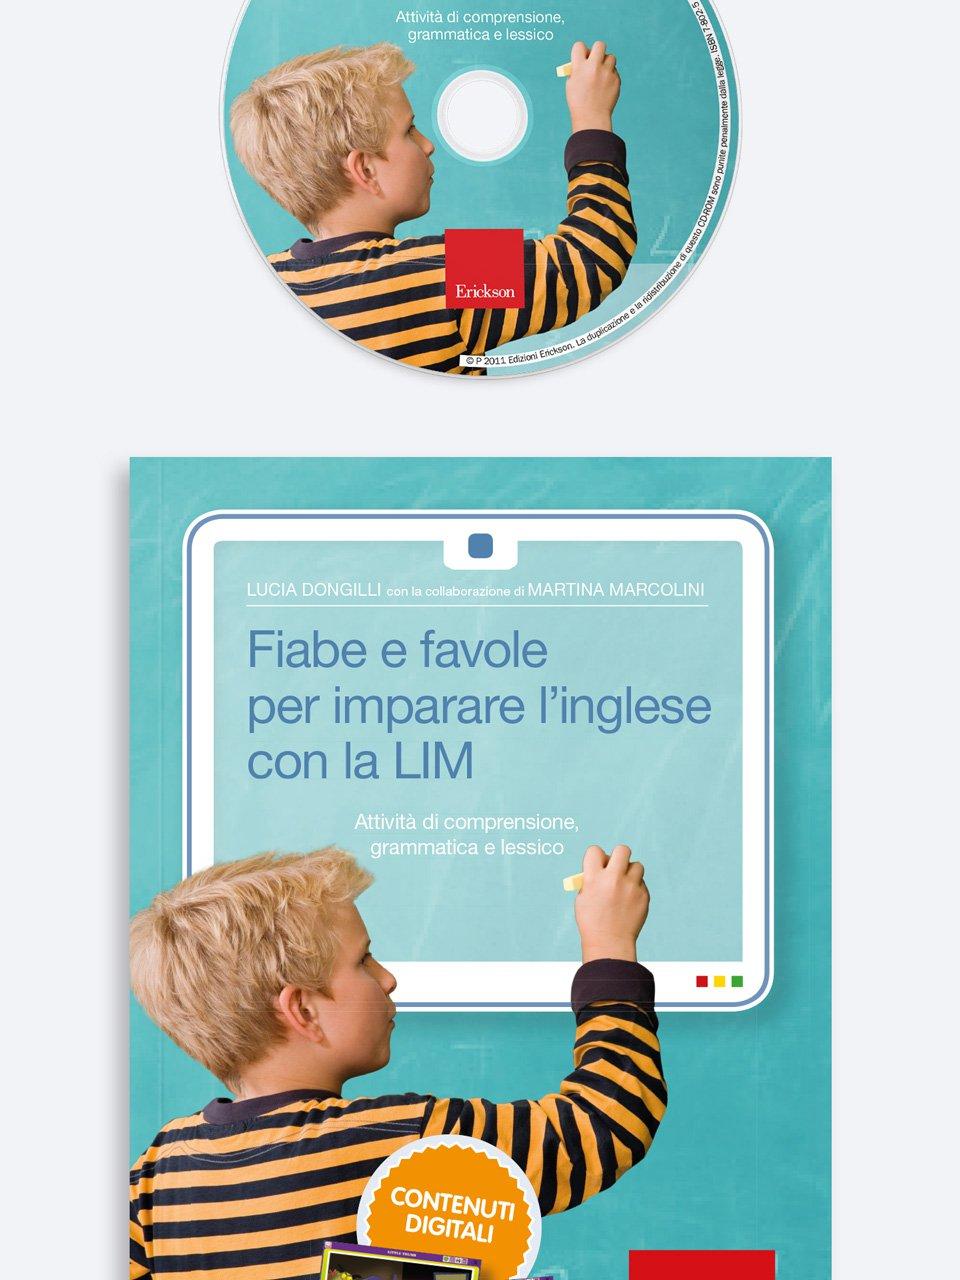 Fiabe e favole per imparare l'inglese con la LIM - Schede per Tablotto (Età 8+) - Play and Learn with - Giochi - Erickson